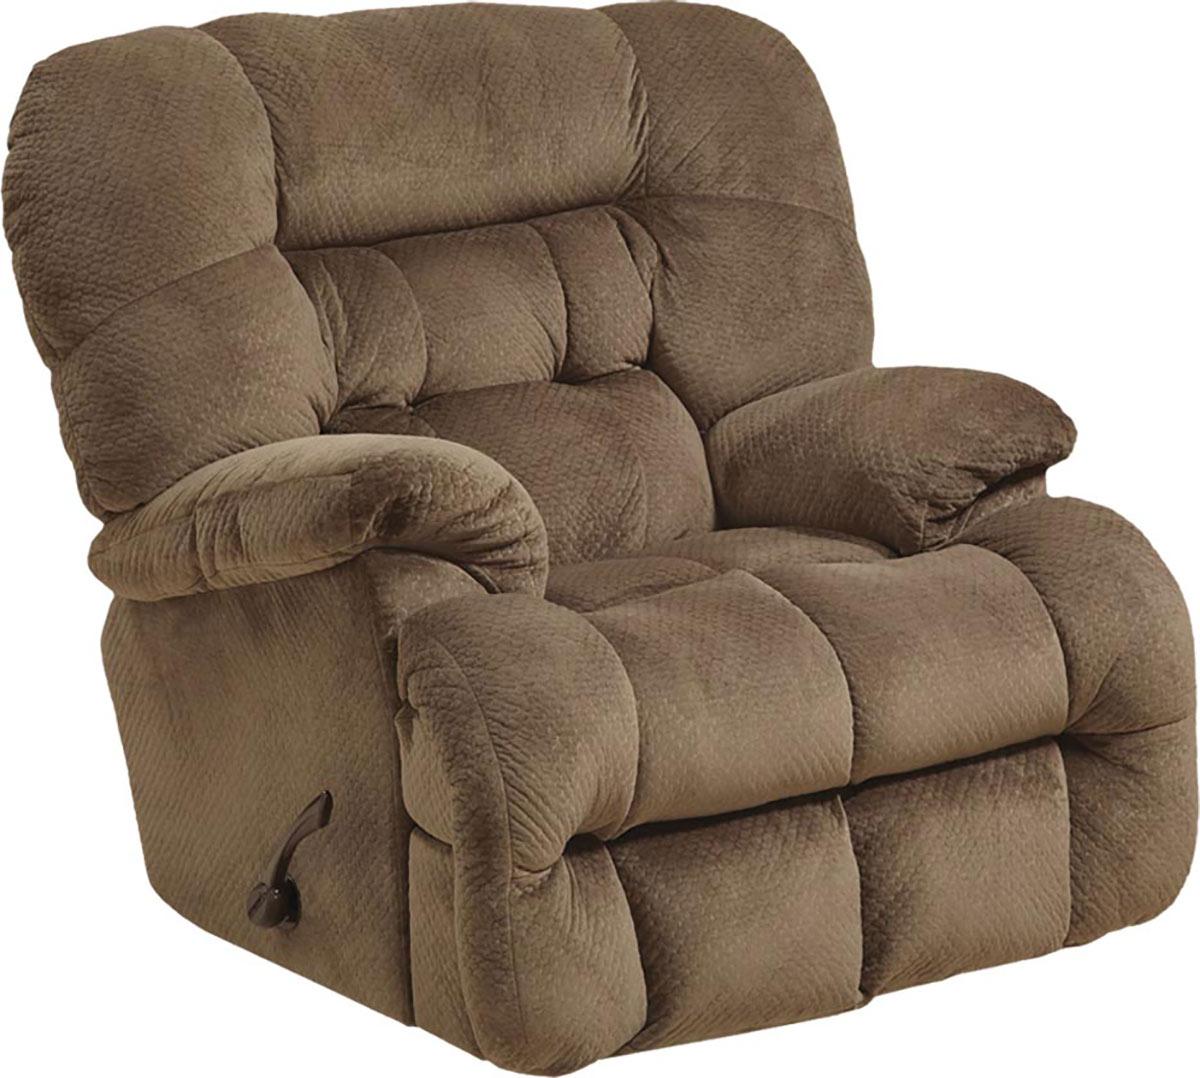 CatNapper Colson Chaise Rocker Recliner Chair - Mocha